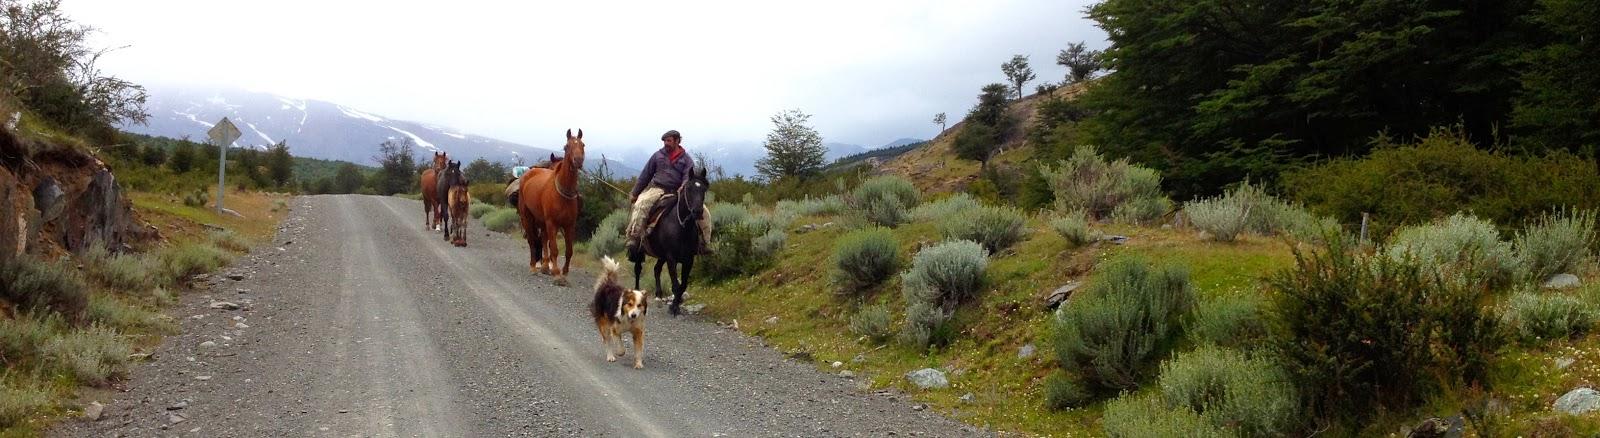 Гаучо, лошади и собака